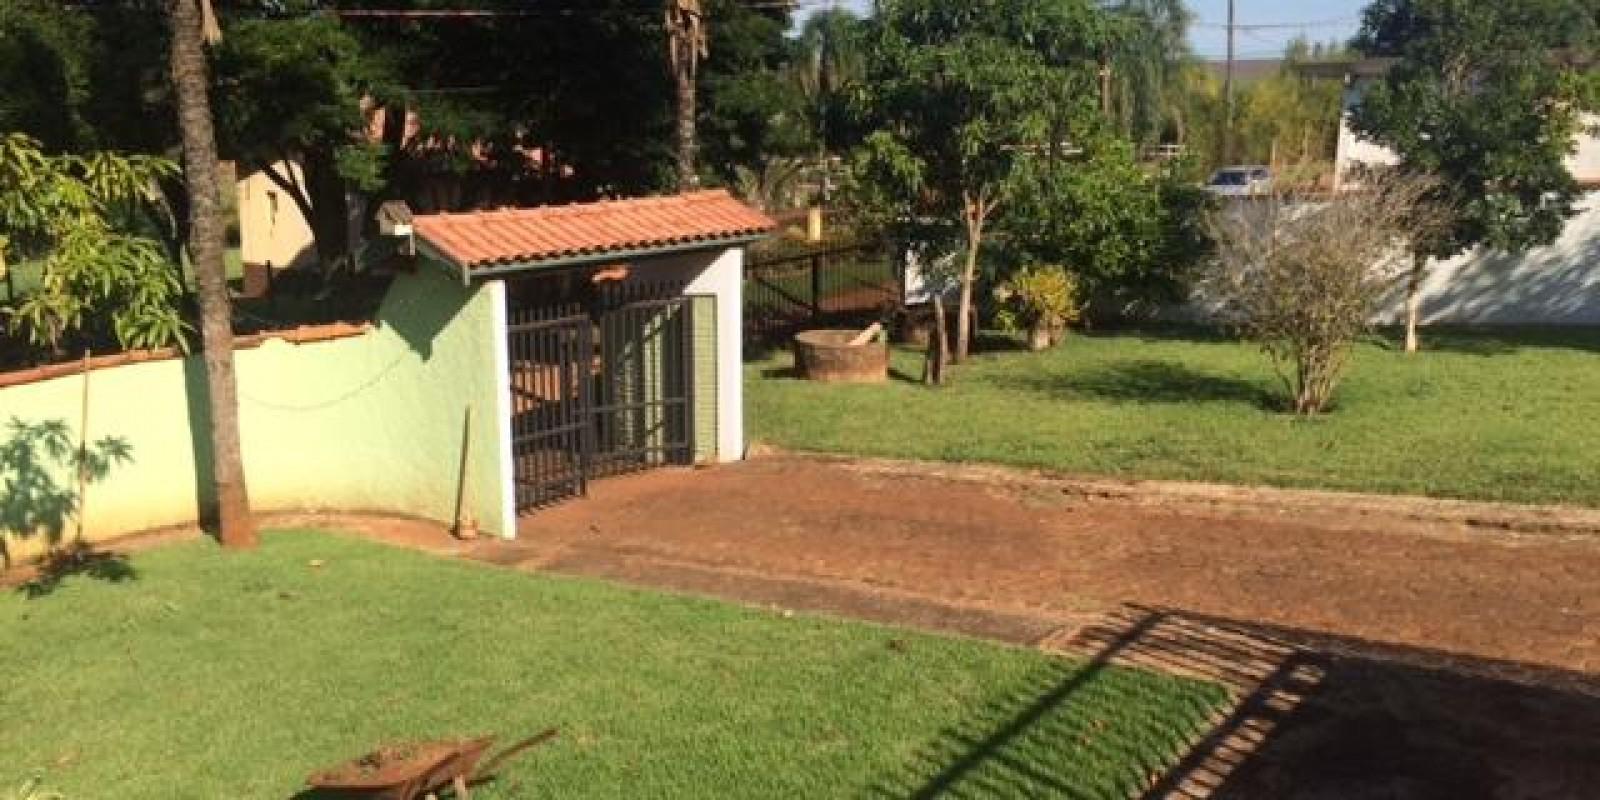 Casa MOBILIADA na Represa no Portal do Catavento em Arandu SP - Foto 18 de 26